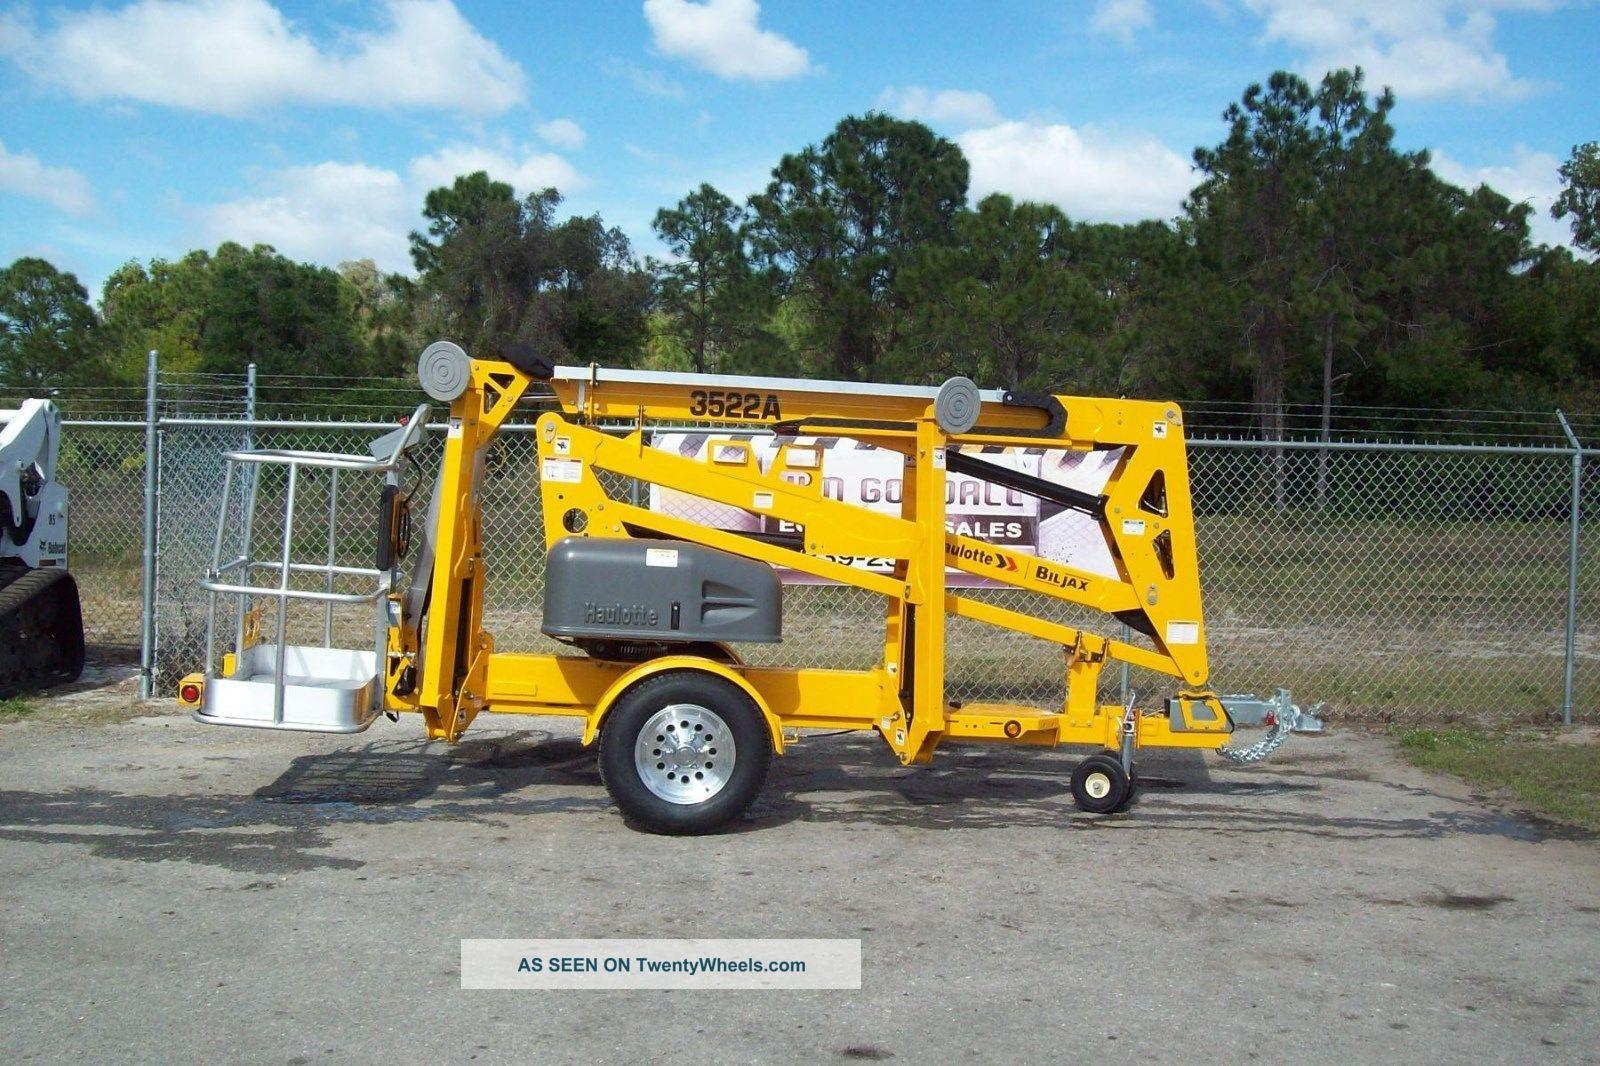 Bil Jax 3522a Towable Boom Lift,  43 ' Work Height,  22 ' 6